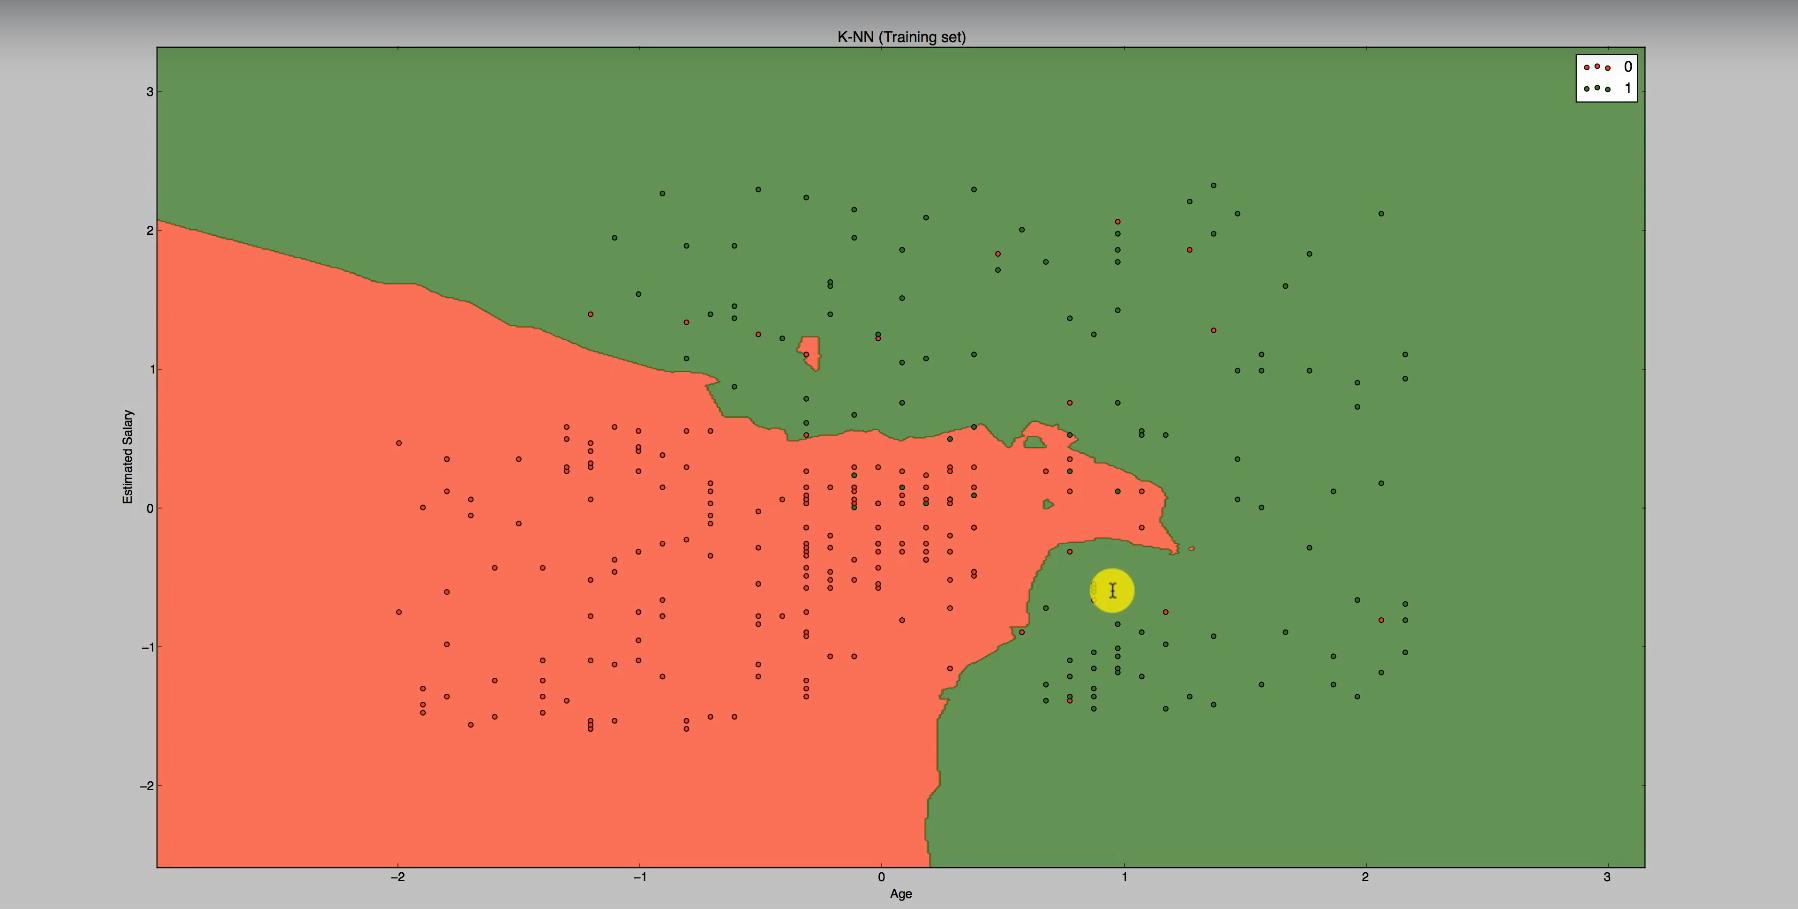 Geplottete Graphik zur Klassifizierung mithilfe des Maschinenlernen-Algorithmus K-Nearest Neighbor